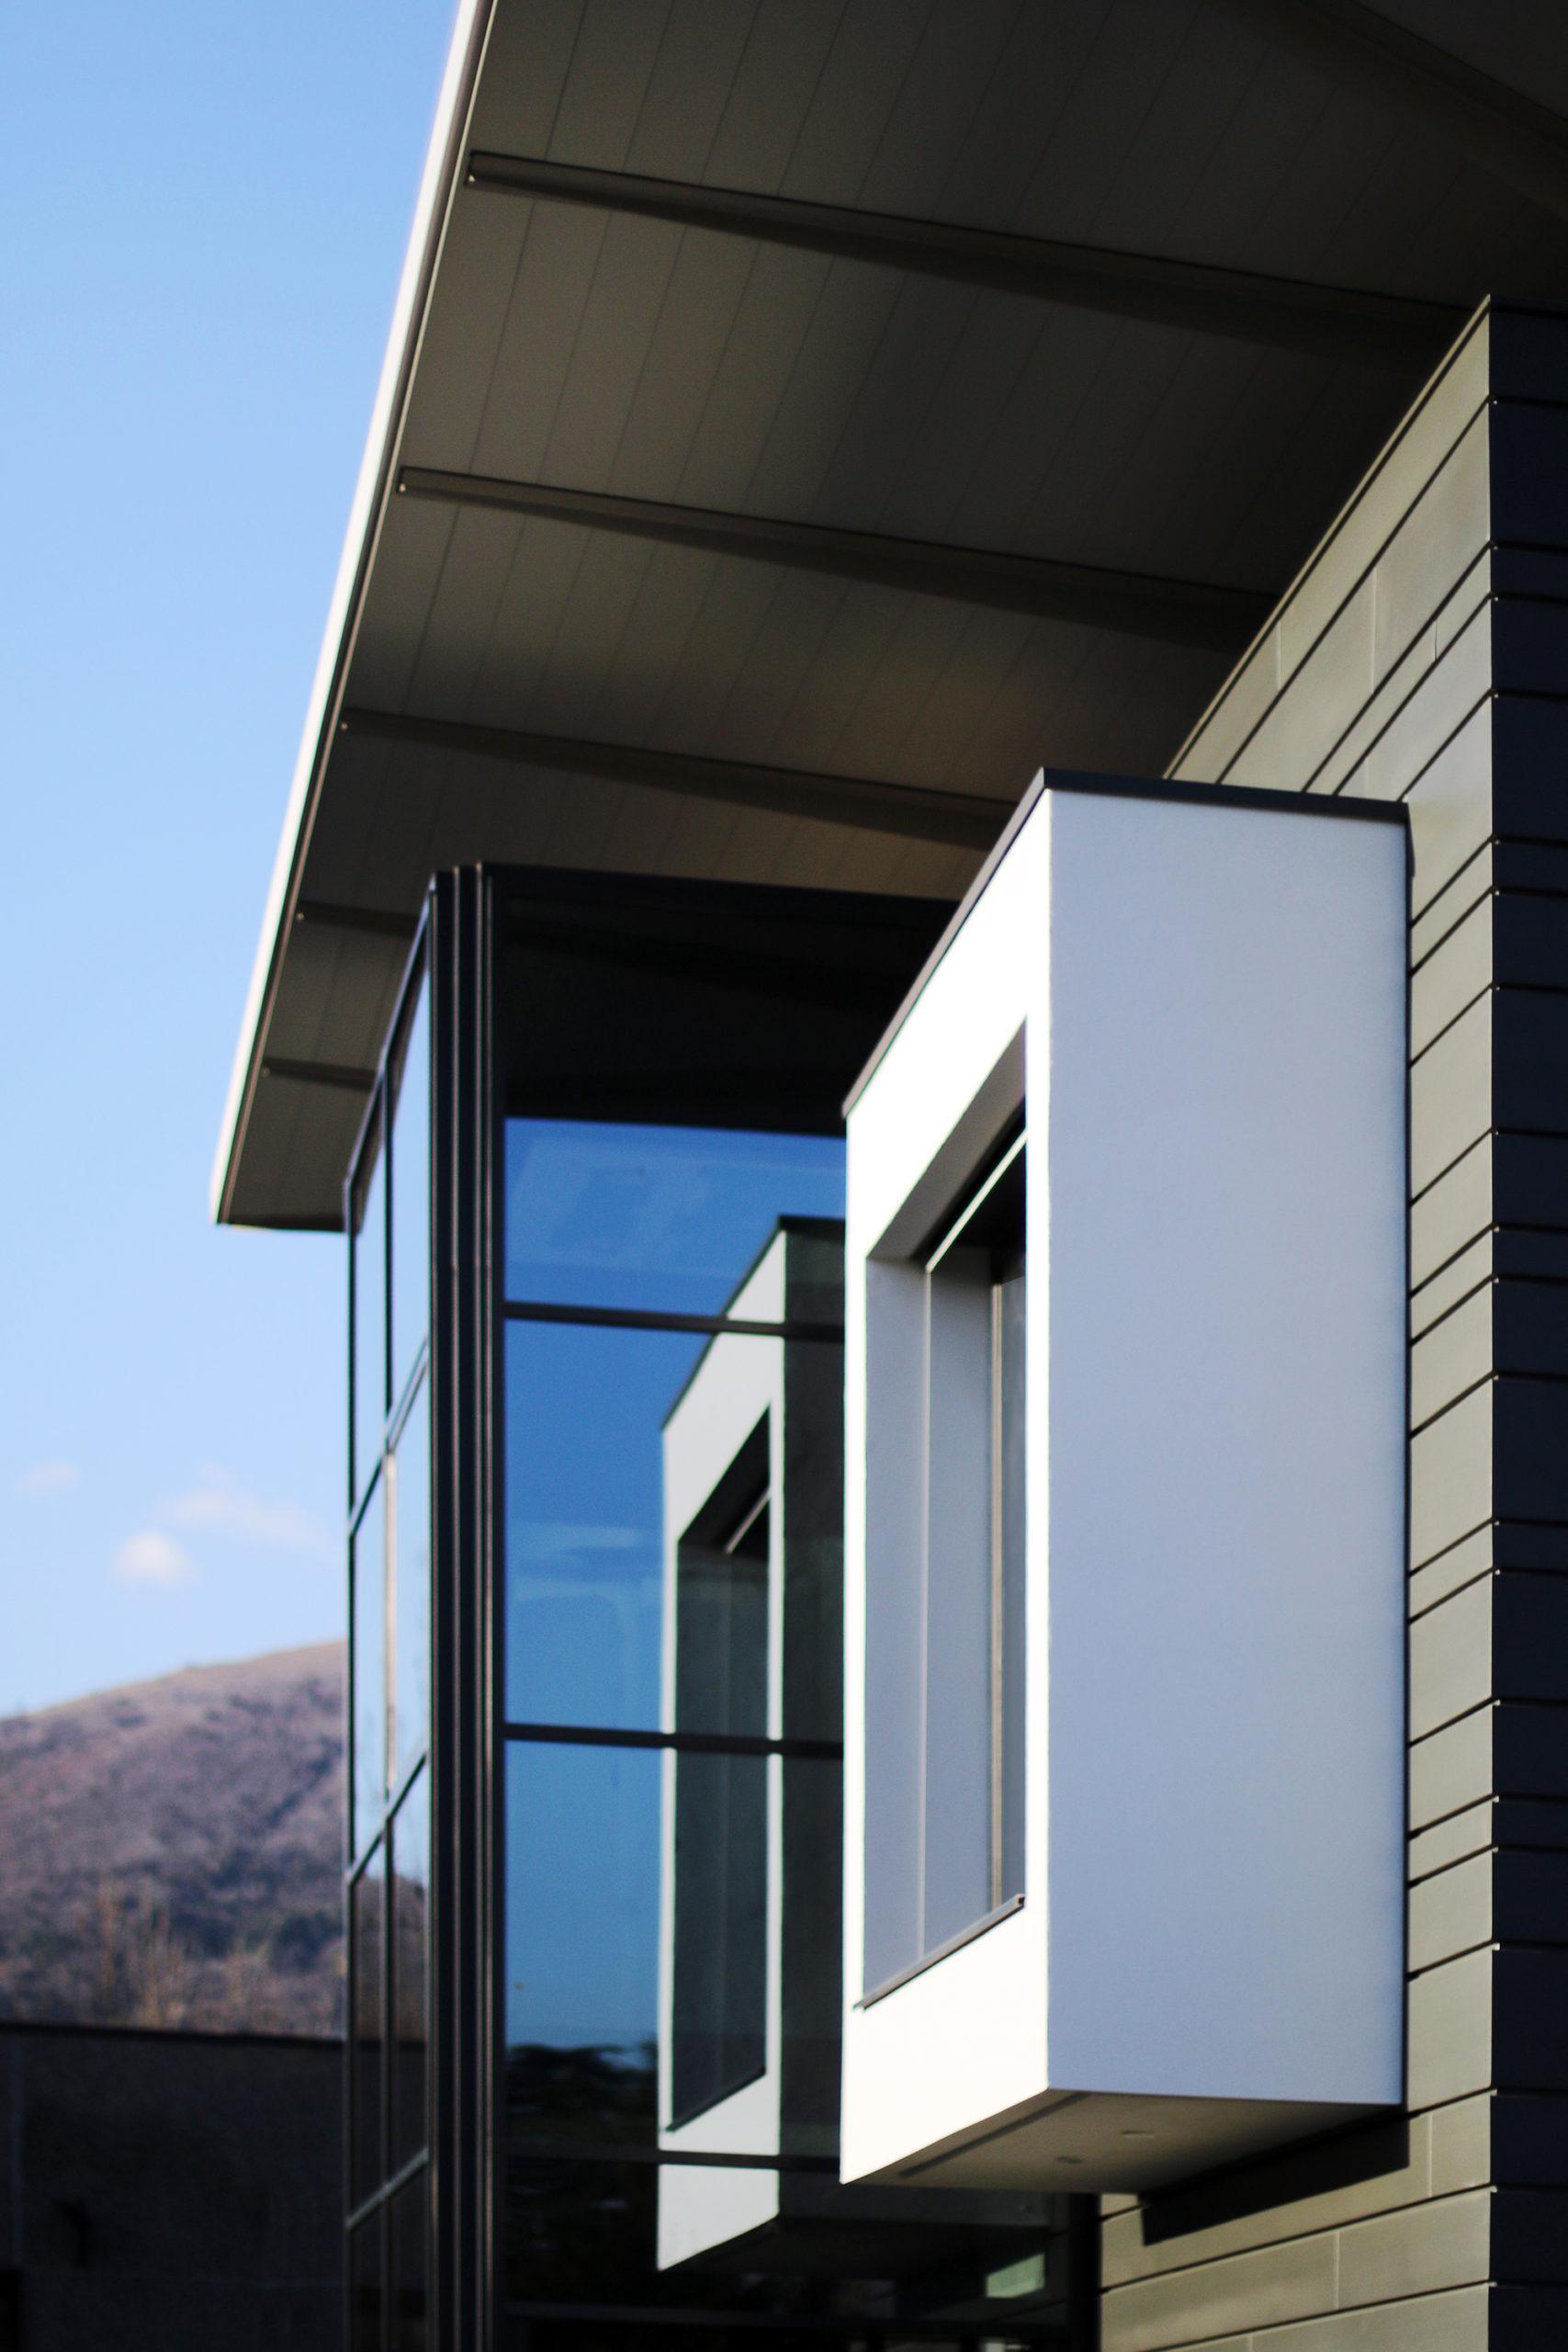 MAURISTUDIO-umberto-mauri-mauri-studio-bosisio-parini-New-Office-Building-Bosisio-Parini-Lecco-work-in-progress-Ventilated-Facade_final_08_2000